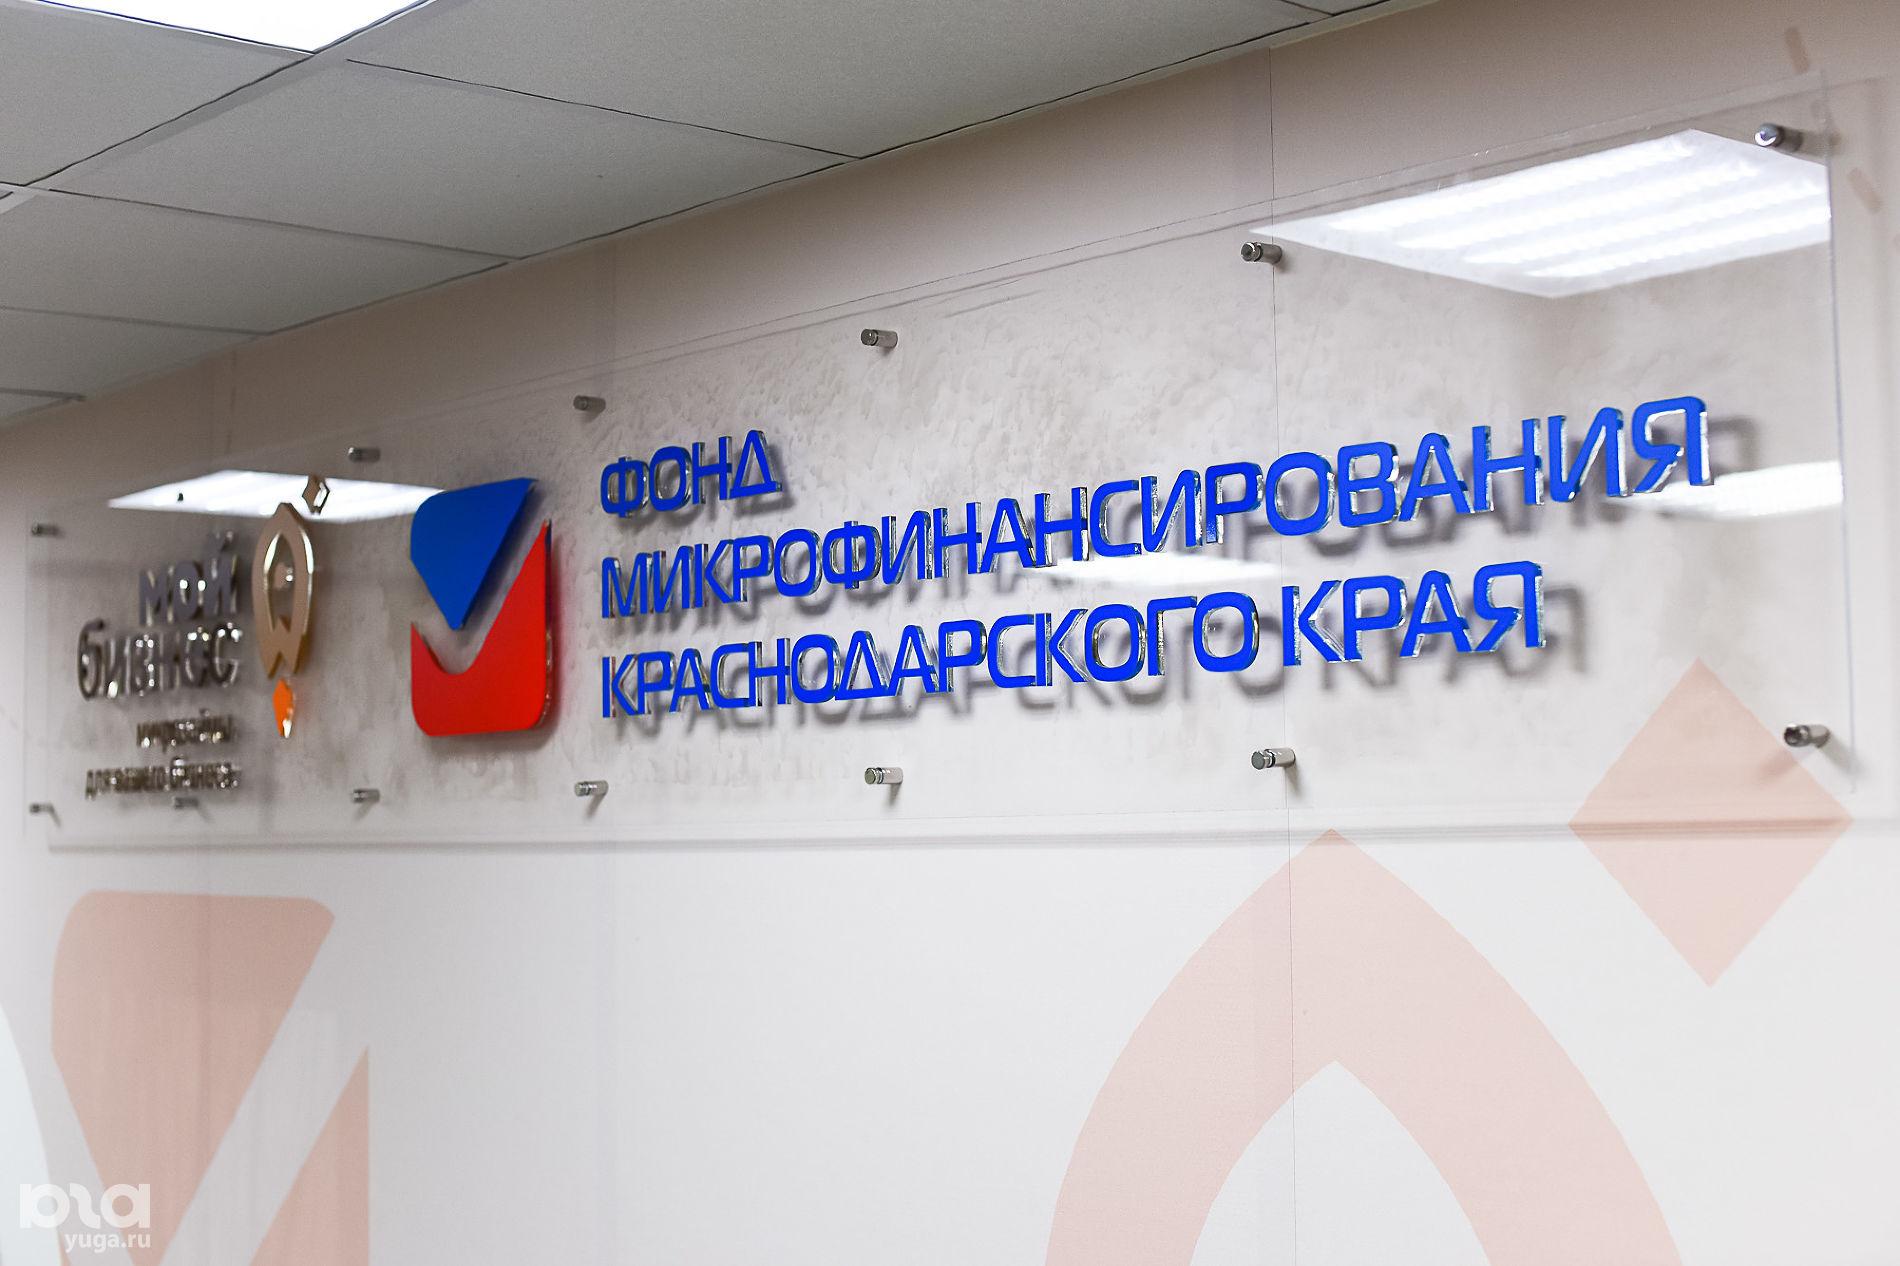 6. yuga.ru